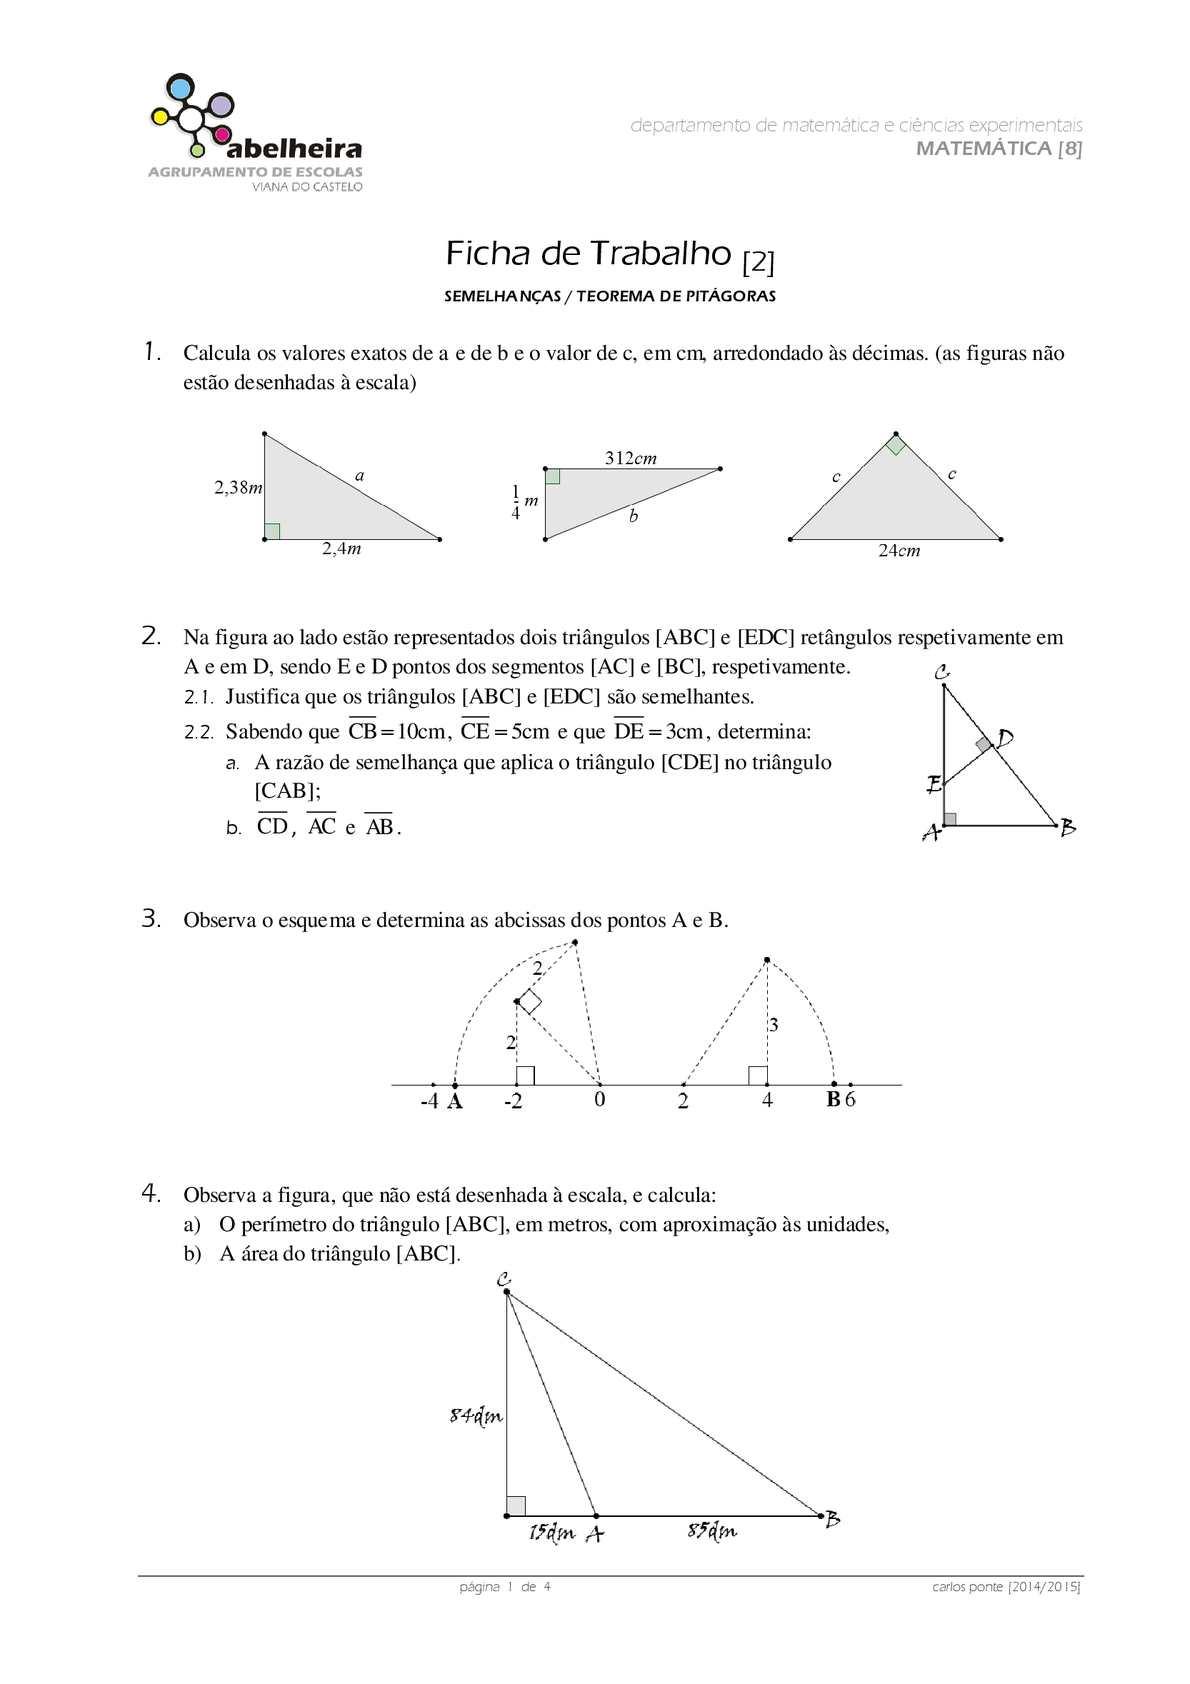 Ficha do teorema de pitágoras